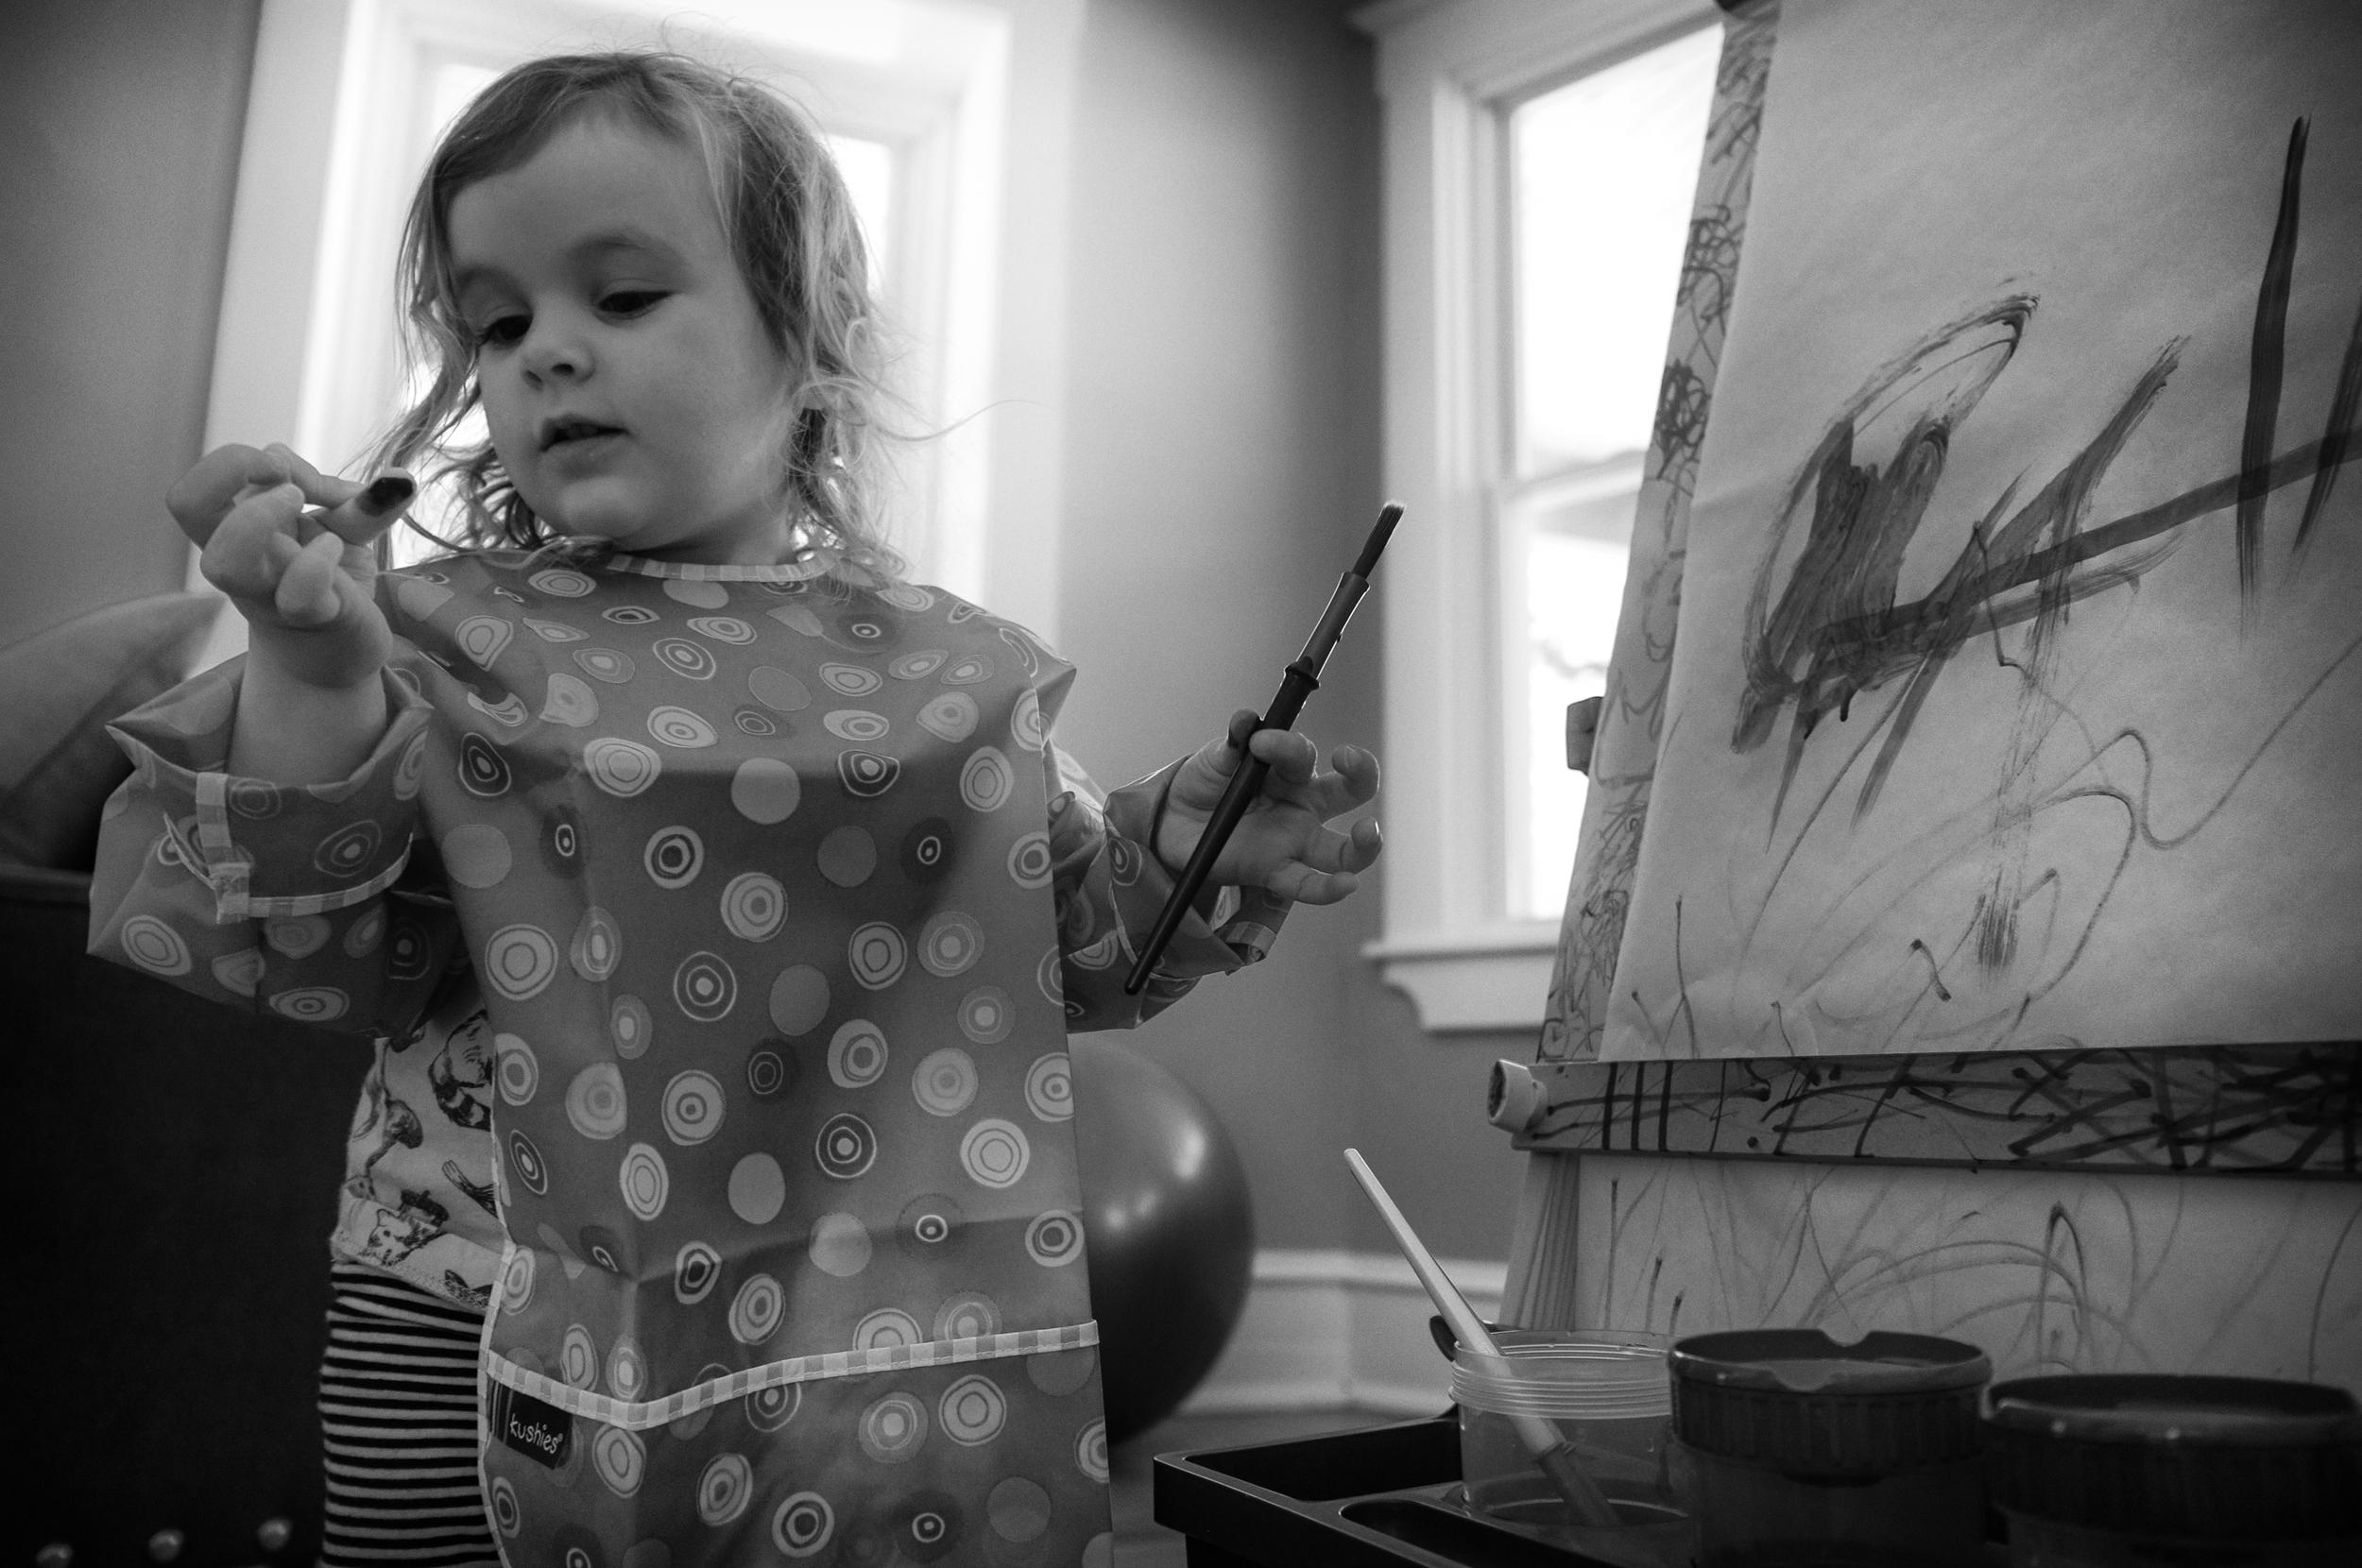 Naomi_painting-8.jpg